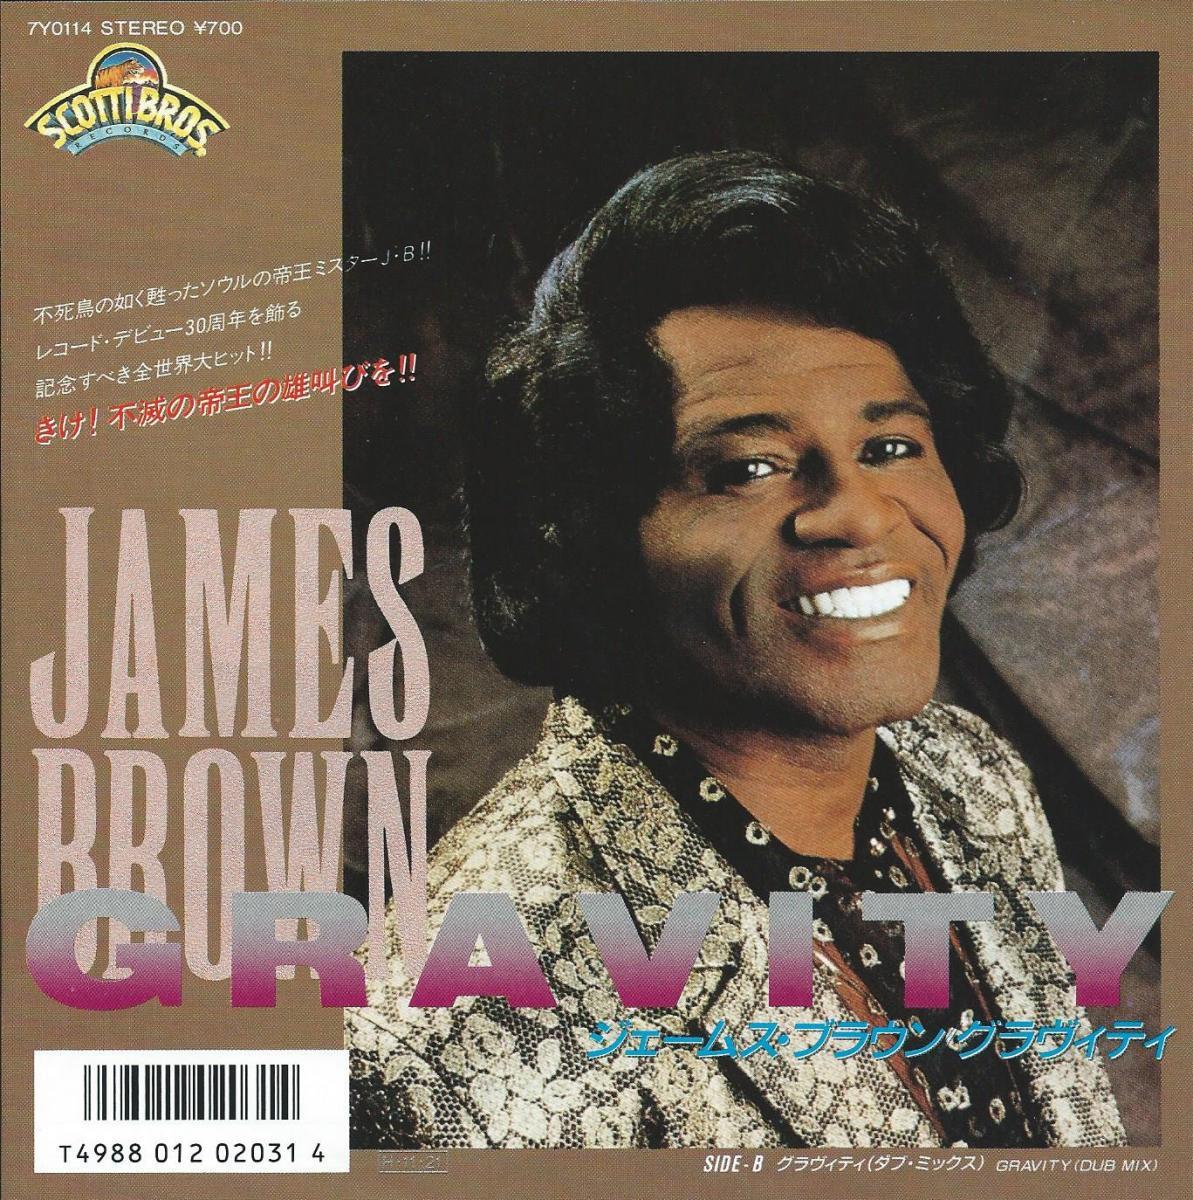 ジェームス・ブラウン JAMES BROWN / グラヴィティ GRAVITY (DUB MIX) (7